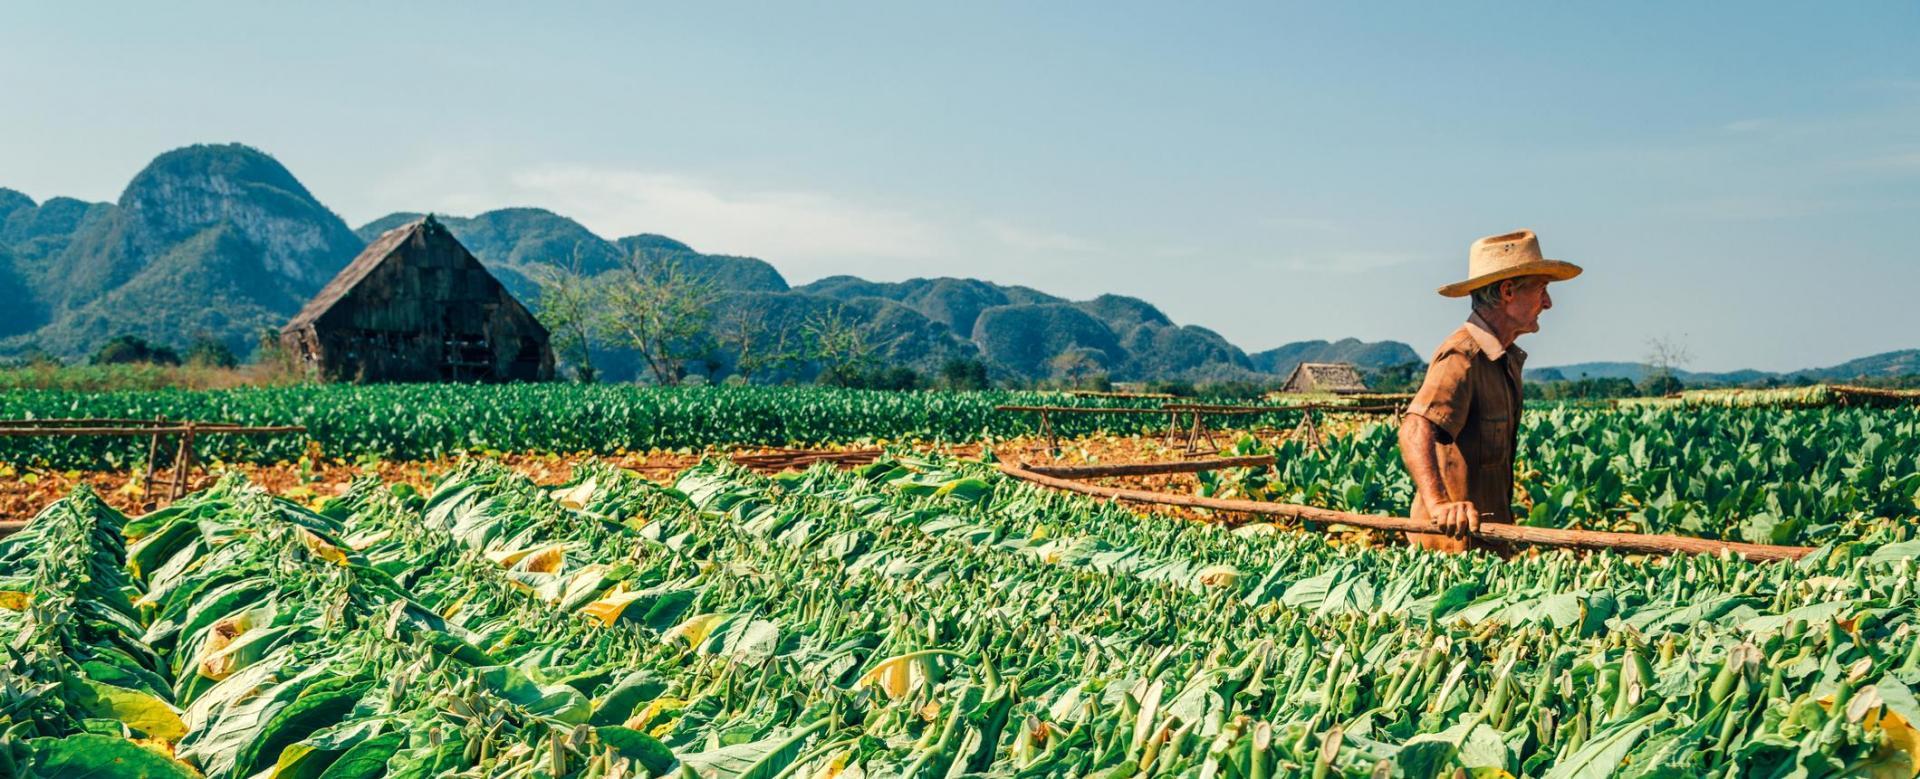 Voyage à pied Cuba : Rando au pays du che